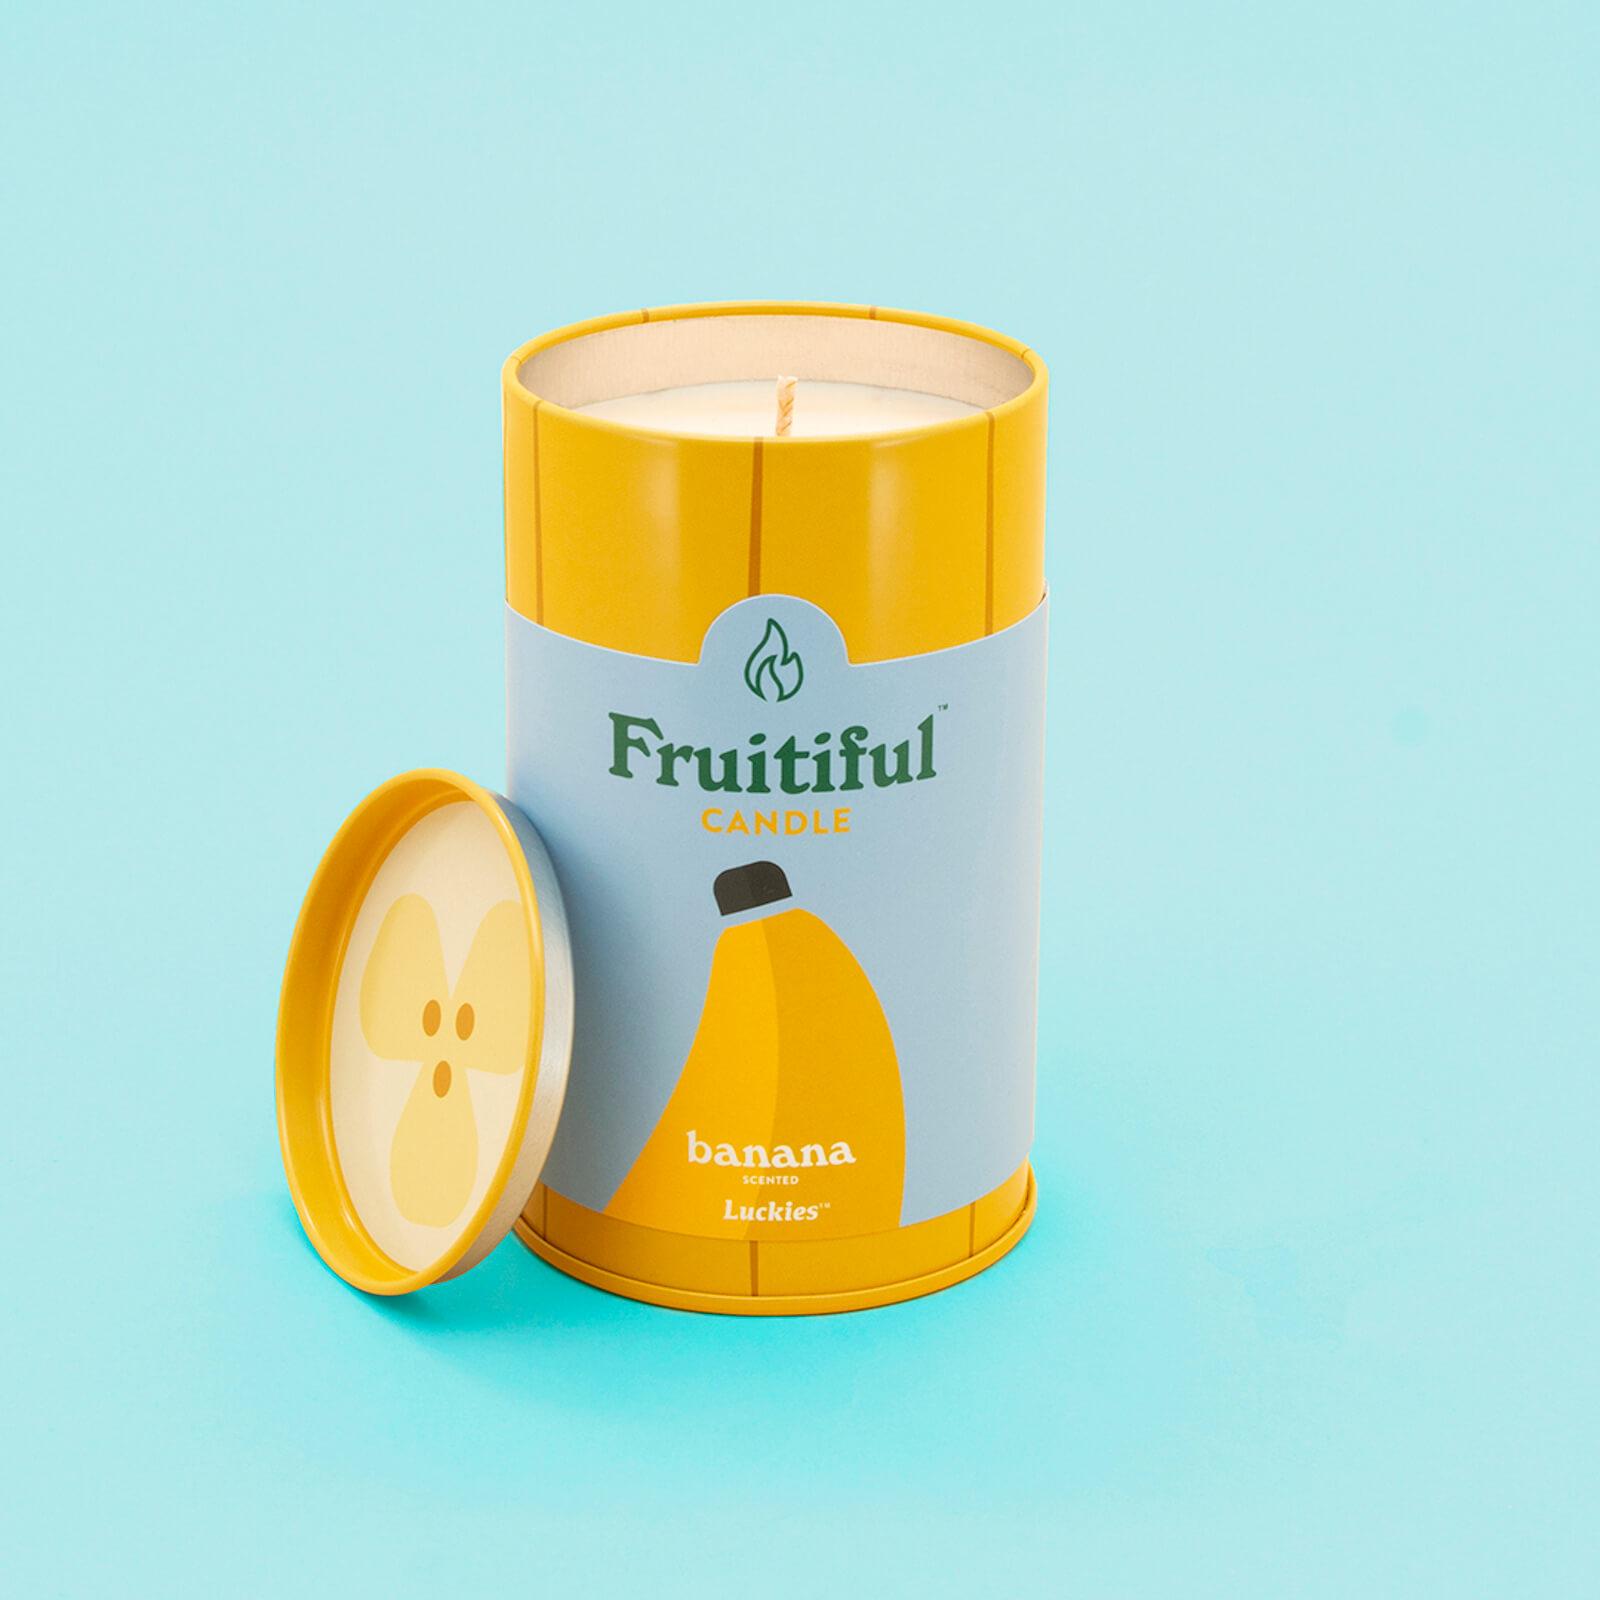 Image of Fruitiful Candle - Banana